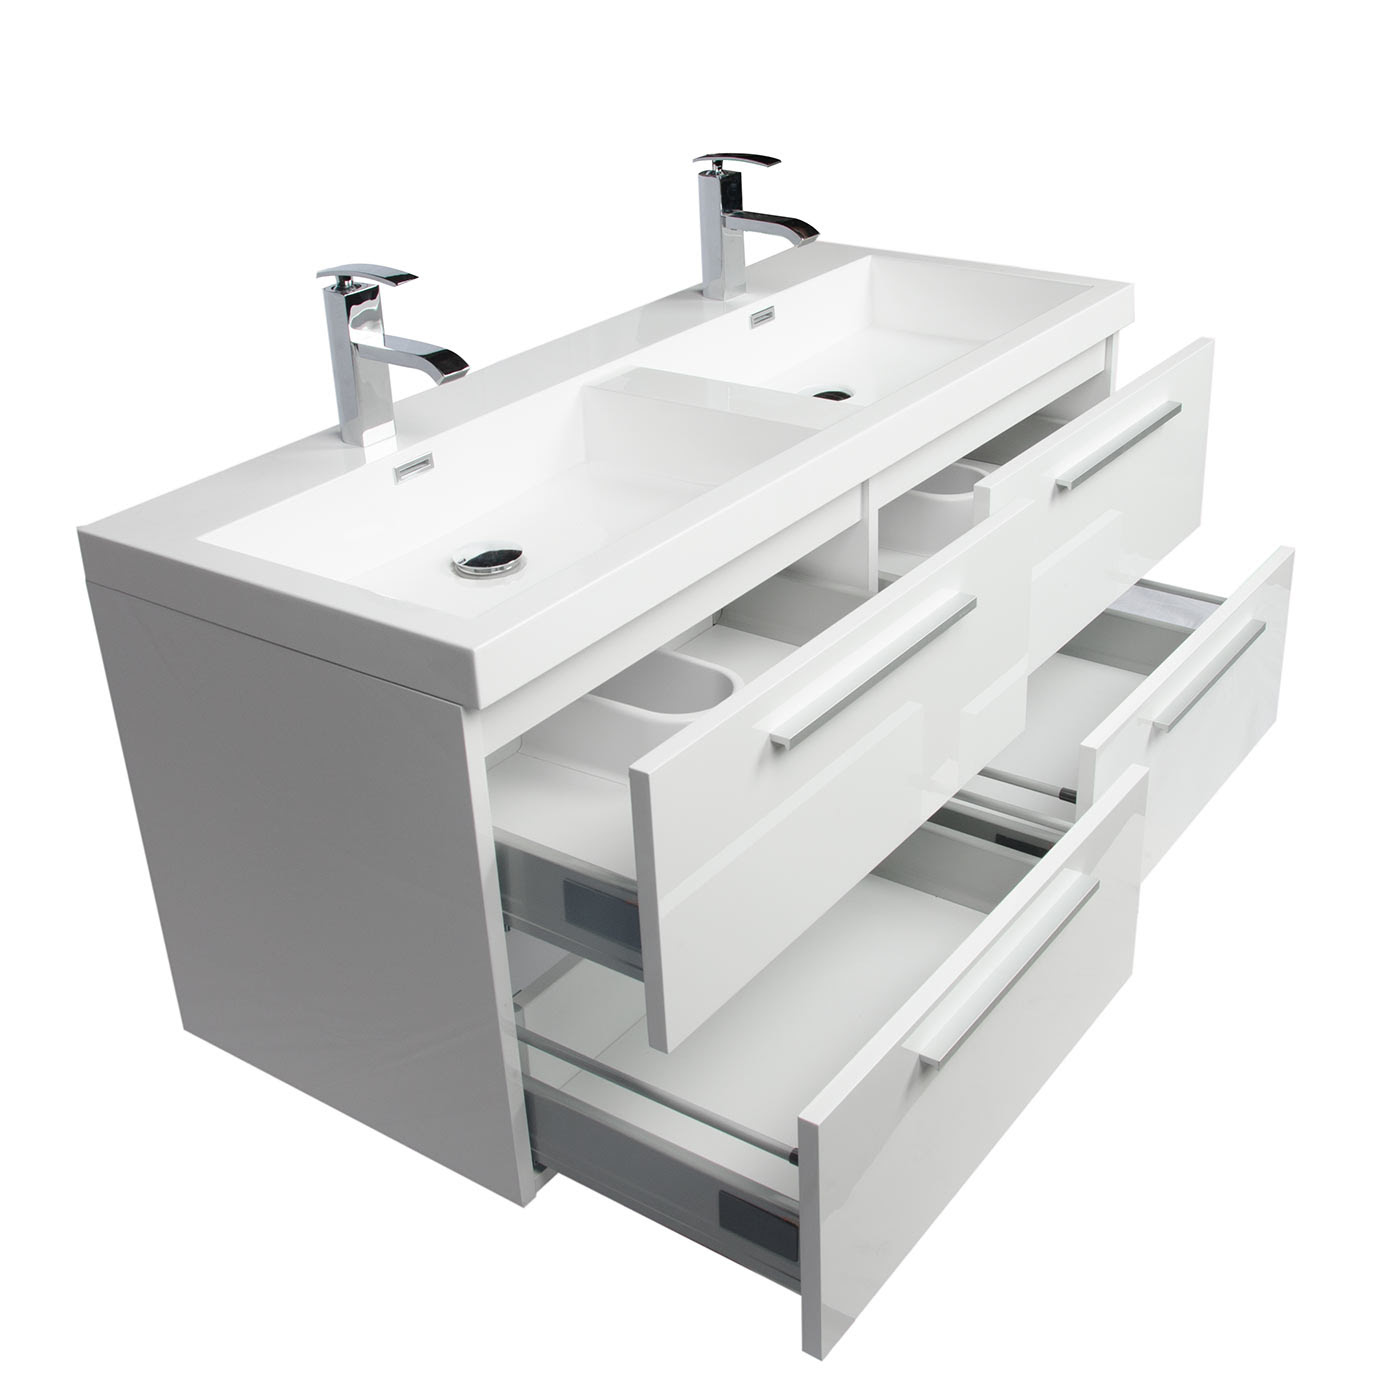 Buy 47 Inch Wall Mounted Modern Double Bathroom Vanity ...